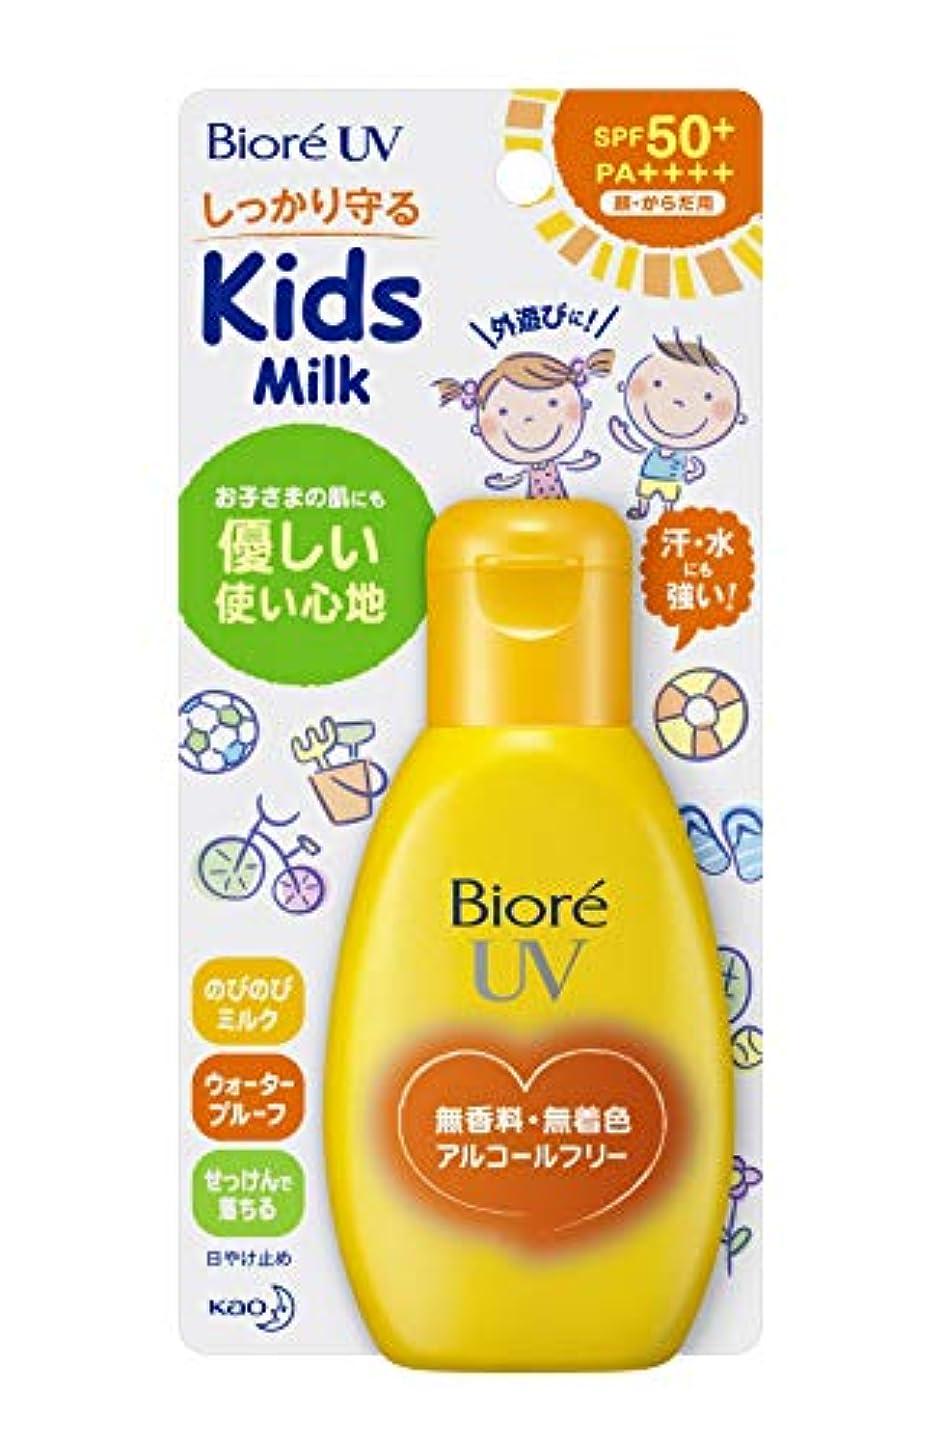 窒息させる排泄物無駄だビオレ UV のびのびキッズミルク SPF50+/PA++++ 90g